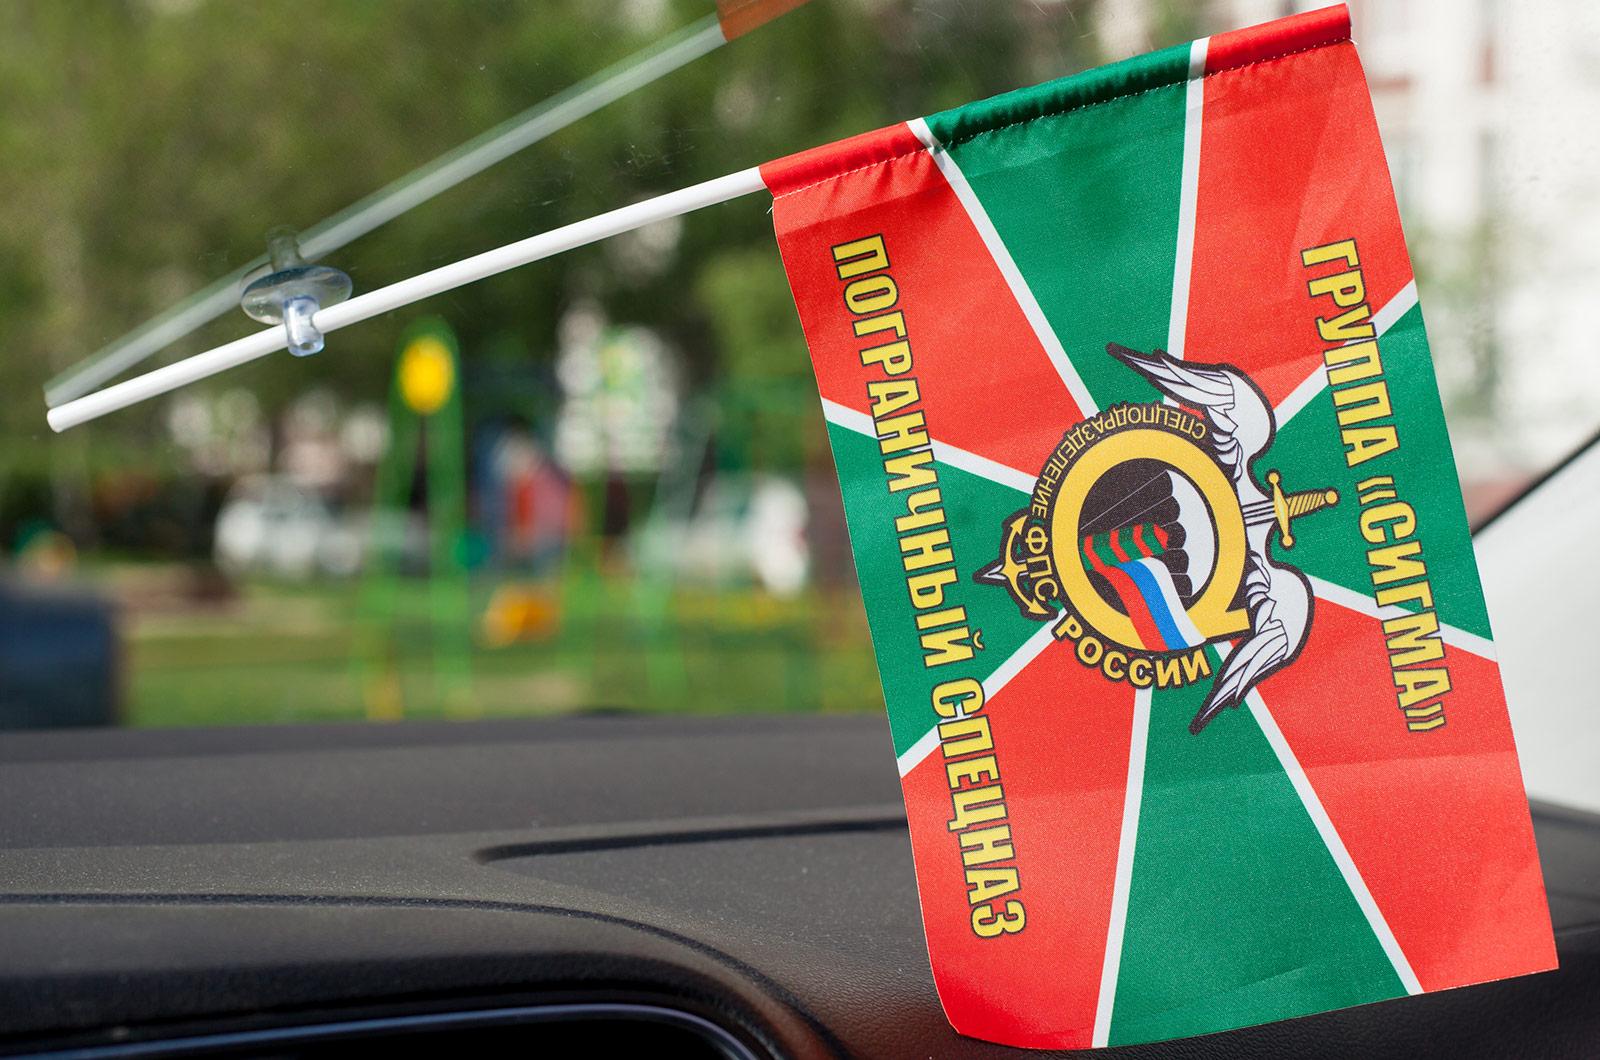 Флажок в машину с присоской «Группа «Сигма» Пограничный спецназ»